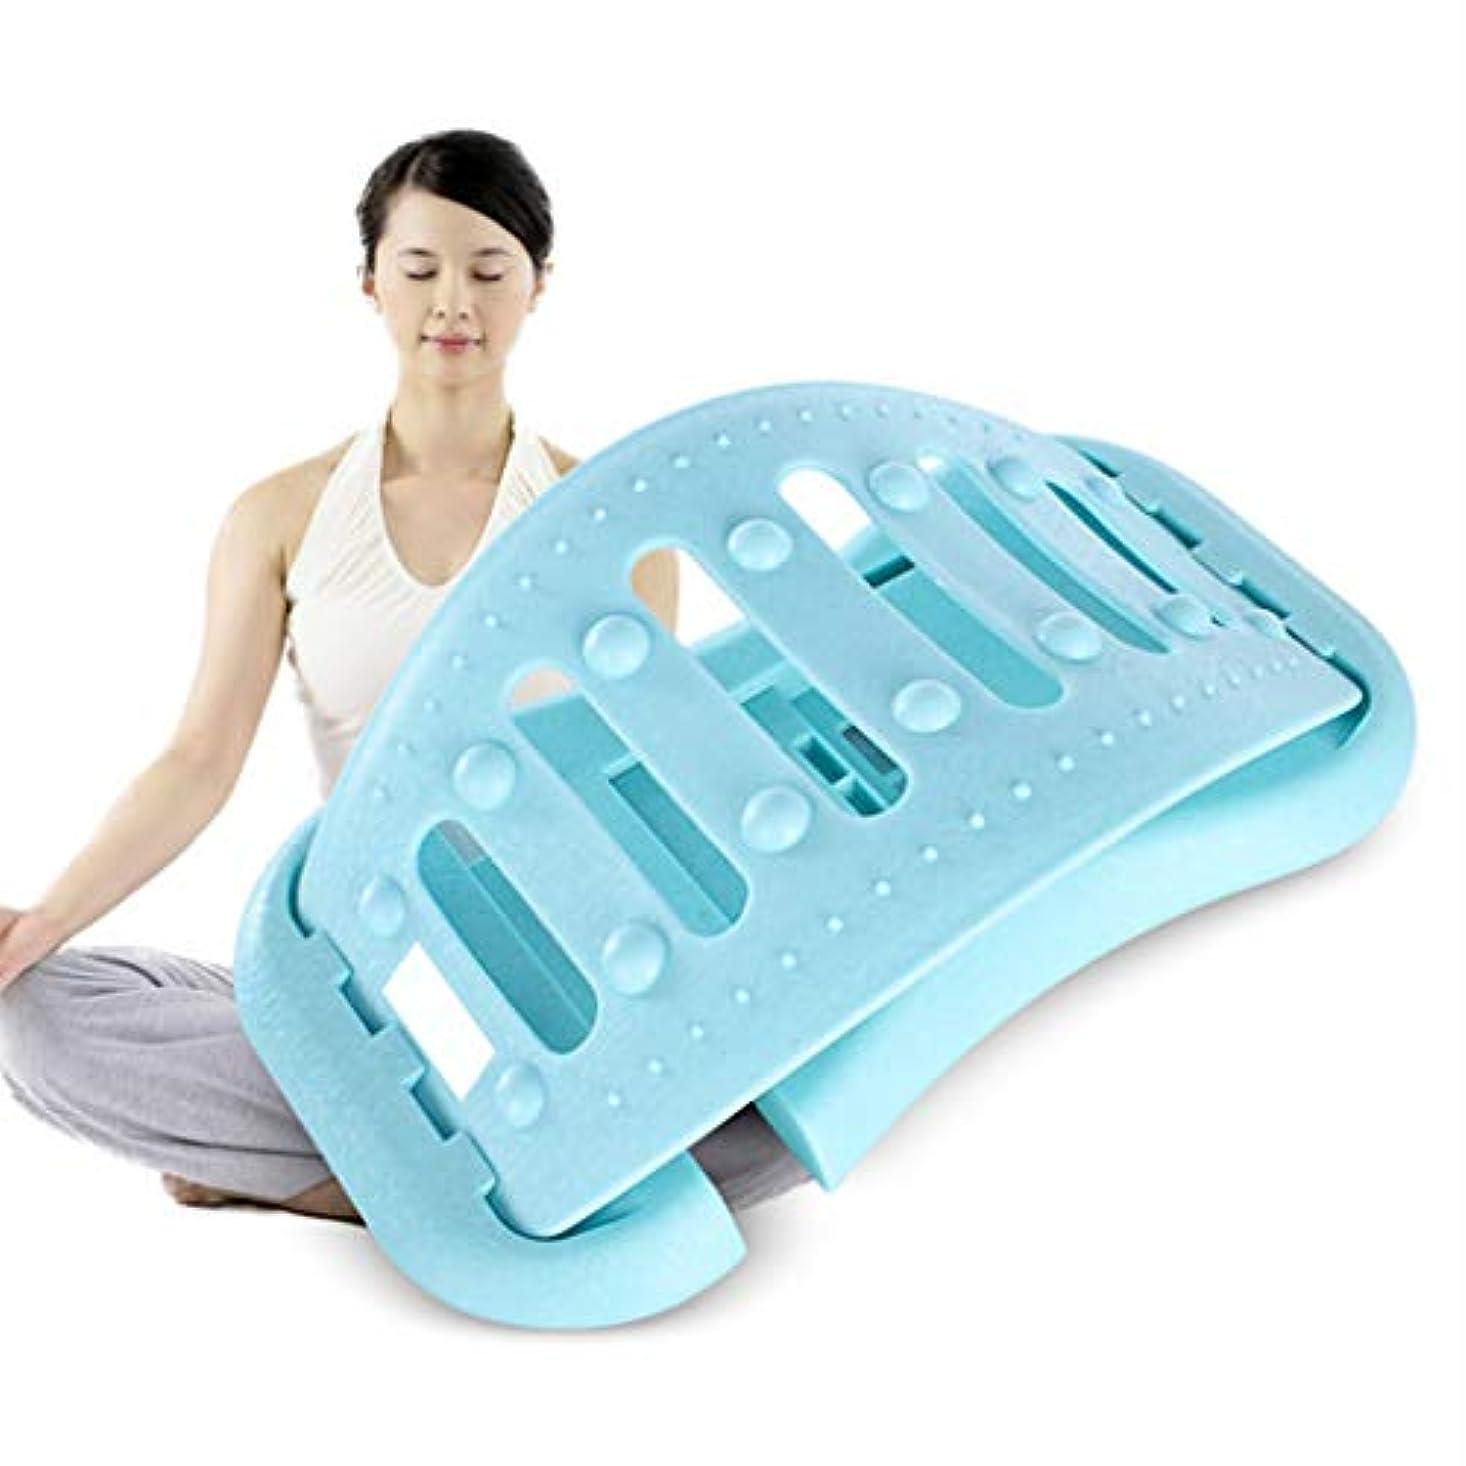 消毒する宿題作成する多機能バックマッサージャーストレッチャーの磁石アーチマジックランバーネックサポートデバイス脊椎リラクゼーションカイロプラクティック痛み緩和